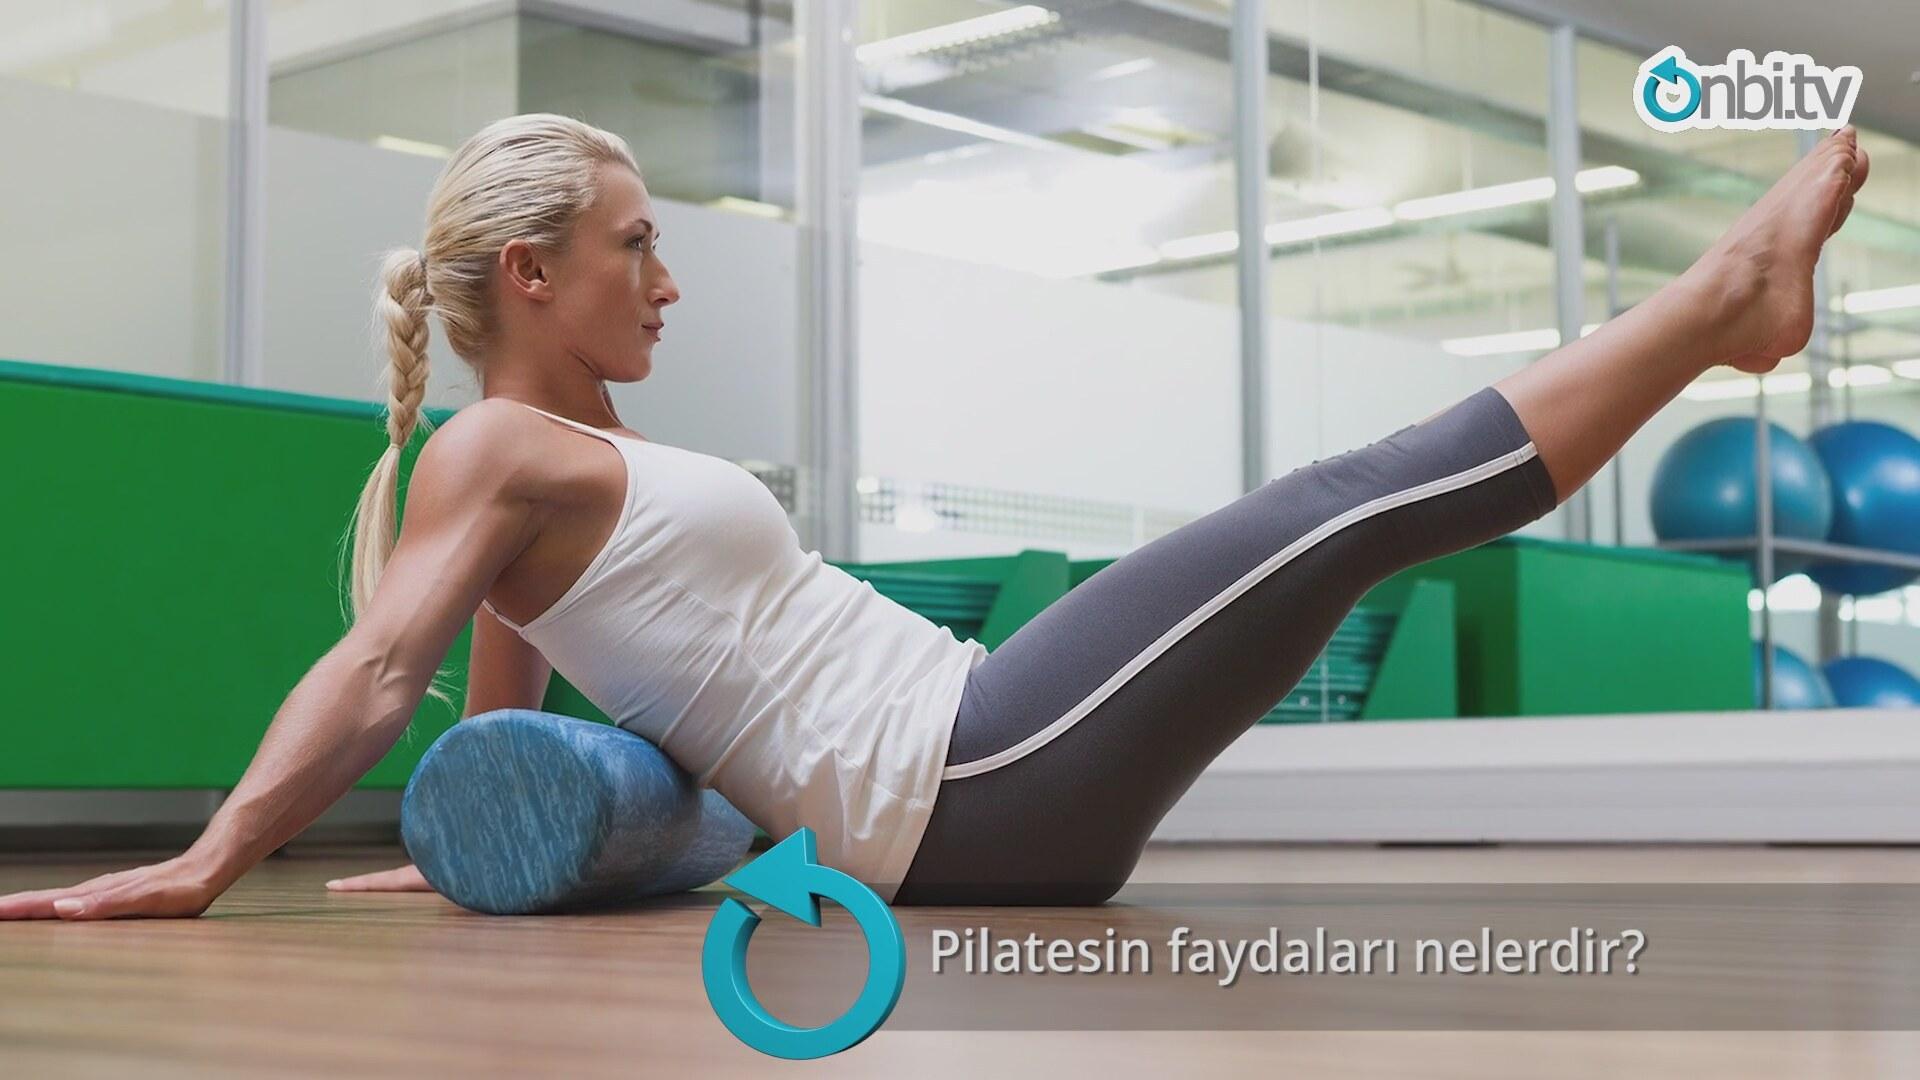 Platesin faydaları